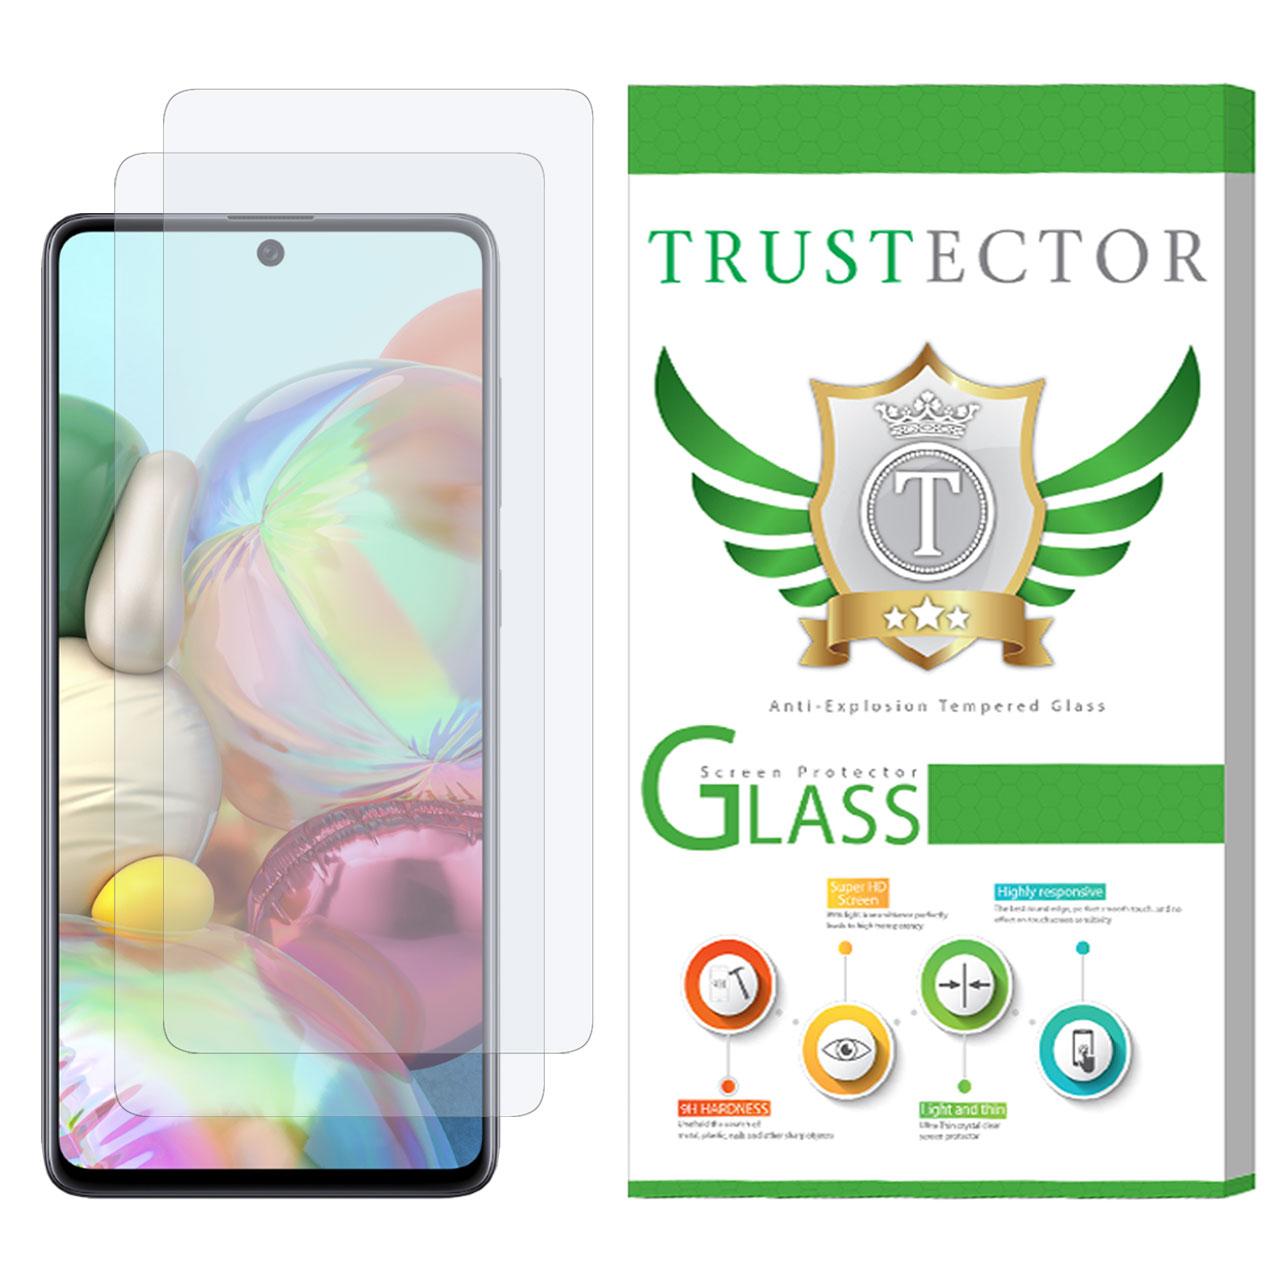 محافظ صفحه نمایش تراستکتور مدل GLS مناسب برای گوشی موبایل سامسونگ Galaxy A71 بسته 2 عددی              ( قیمت و خرید)